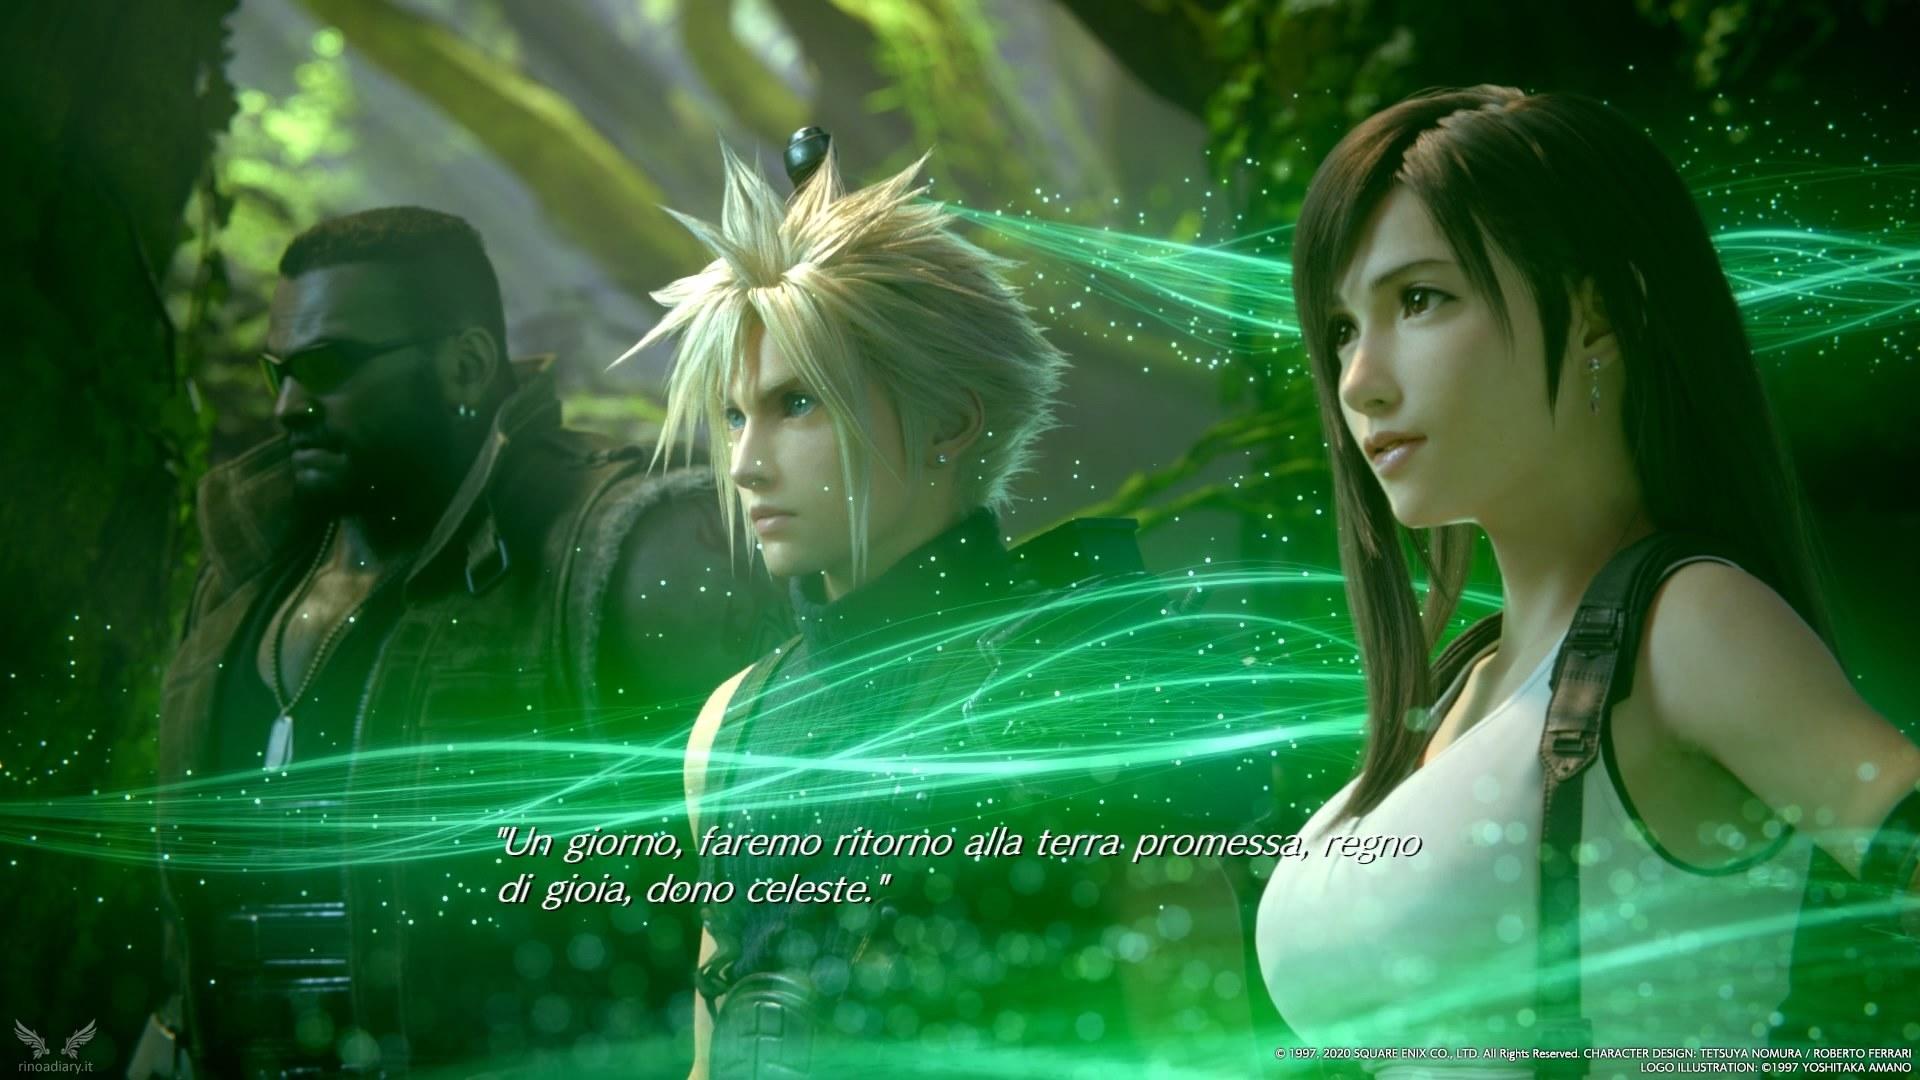 Final Fantasy VII Remake – Il Destino, il Lifestream, Aerith, Sephiroth, le visioni, il finale: proviamo a capirci qualcosa